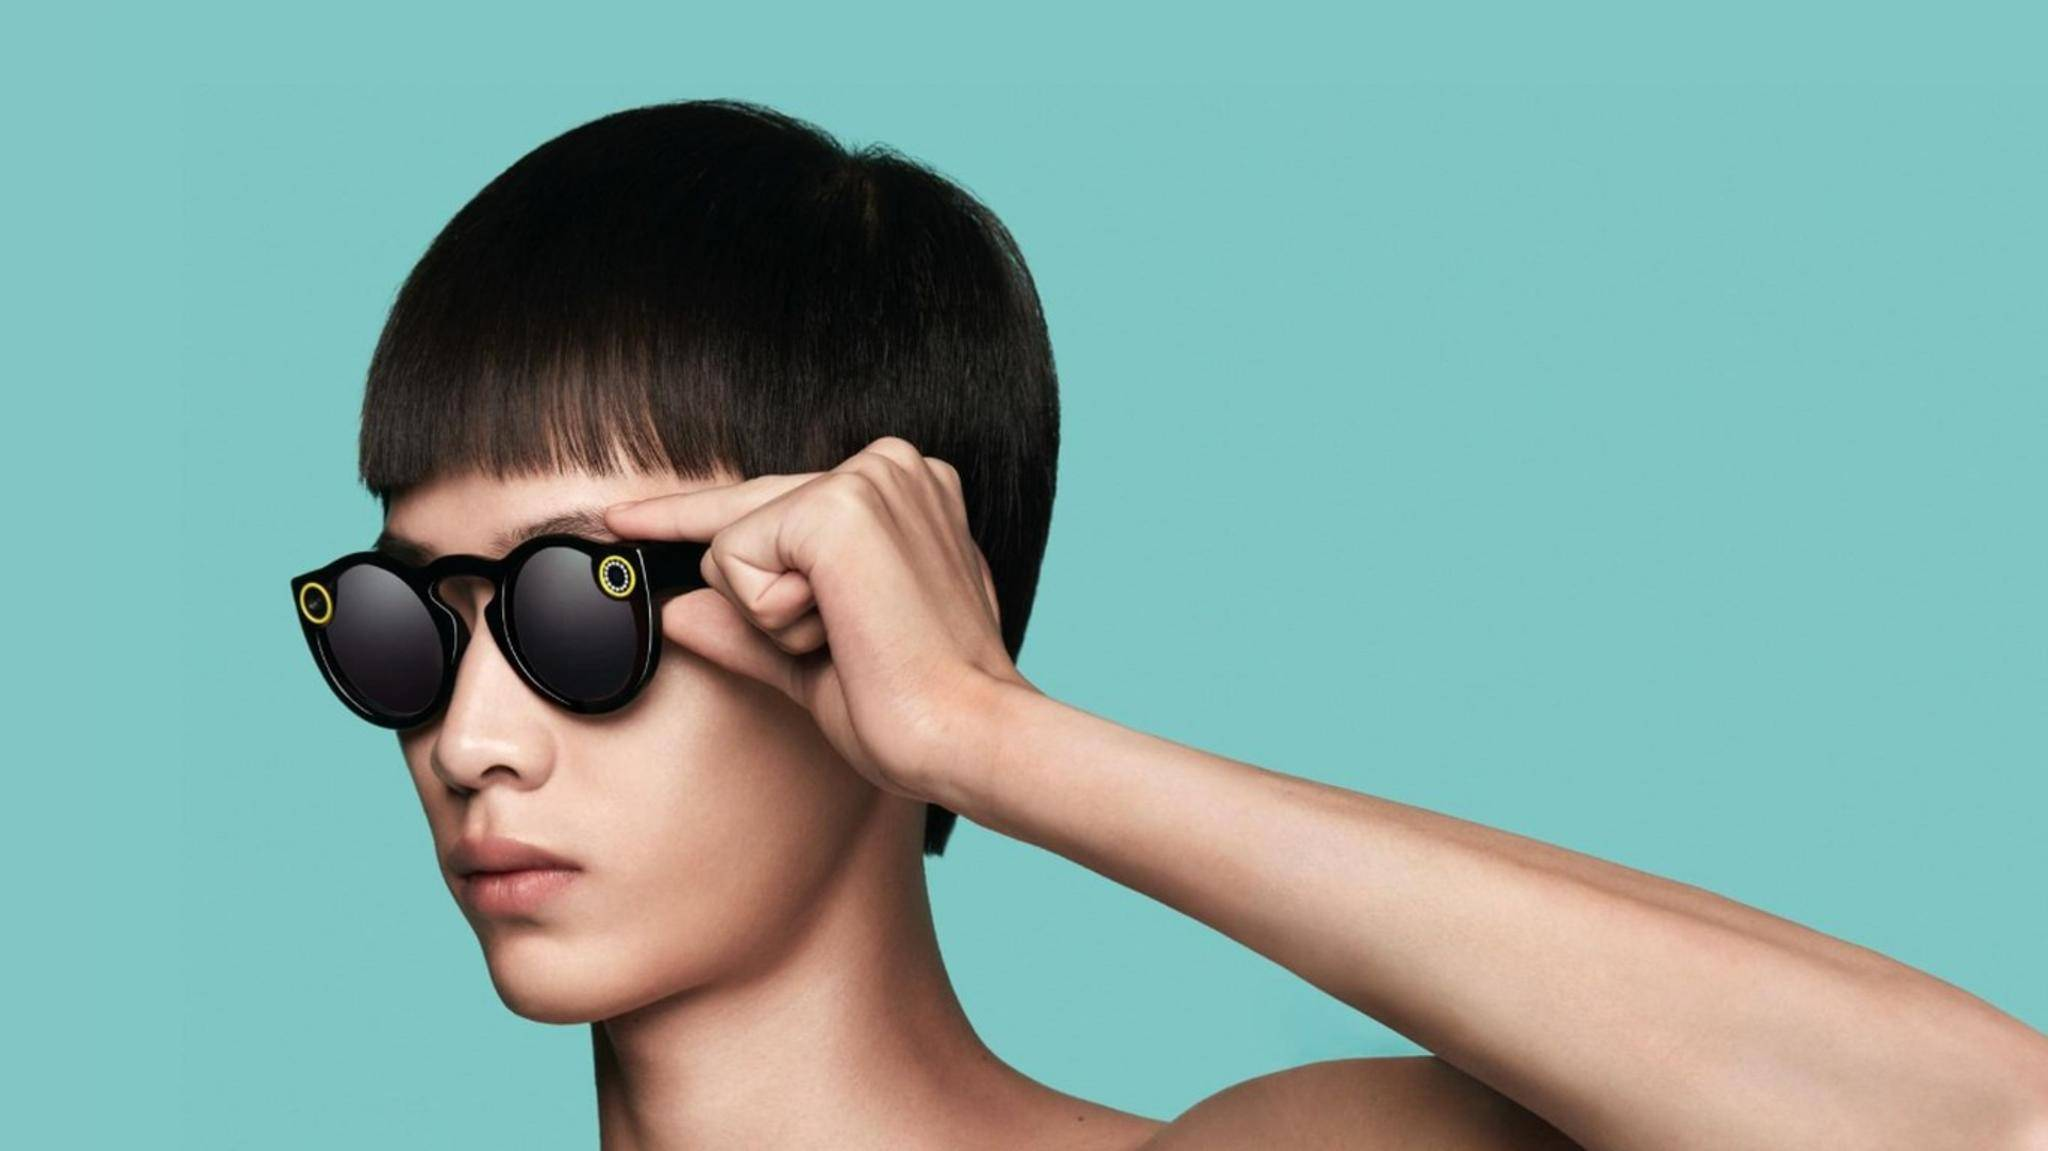 Die Apple Glasses könnten den Snap Spectacles für Snapchat ähneln.